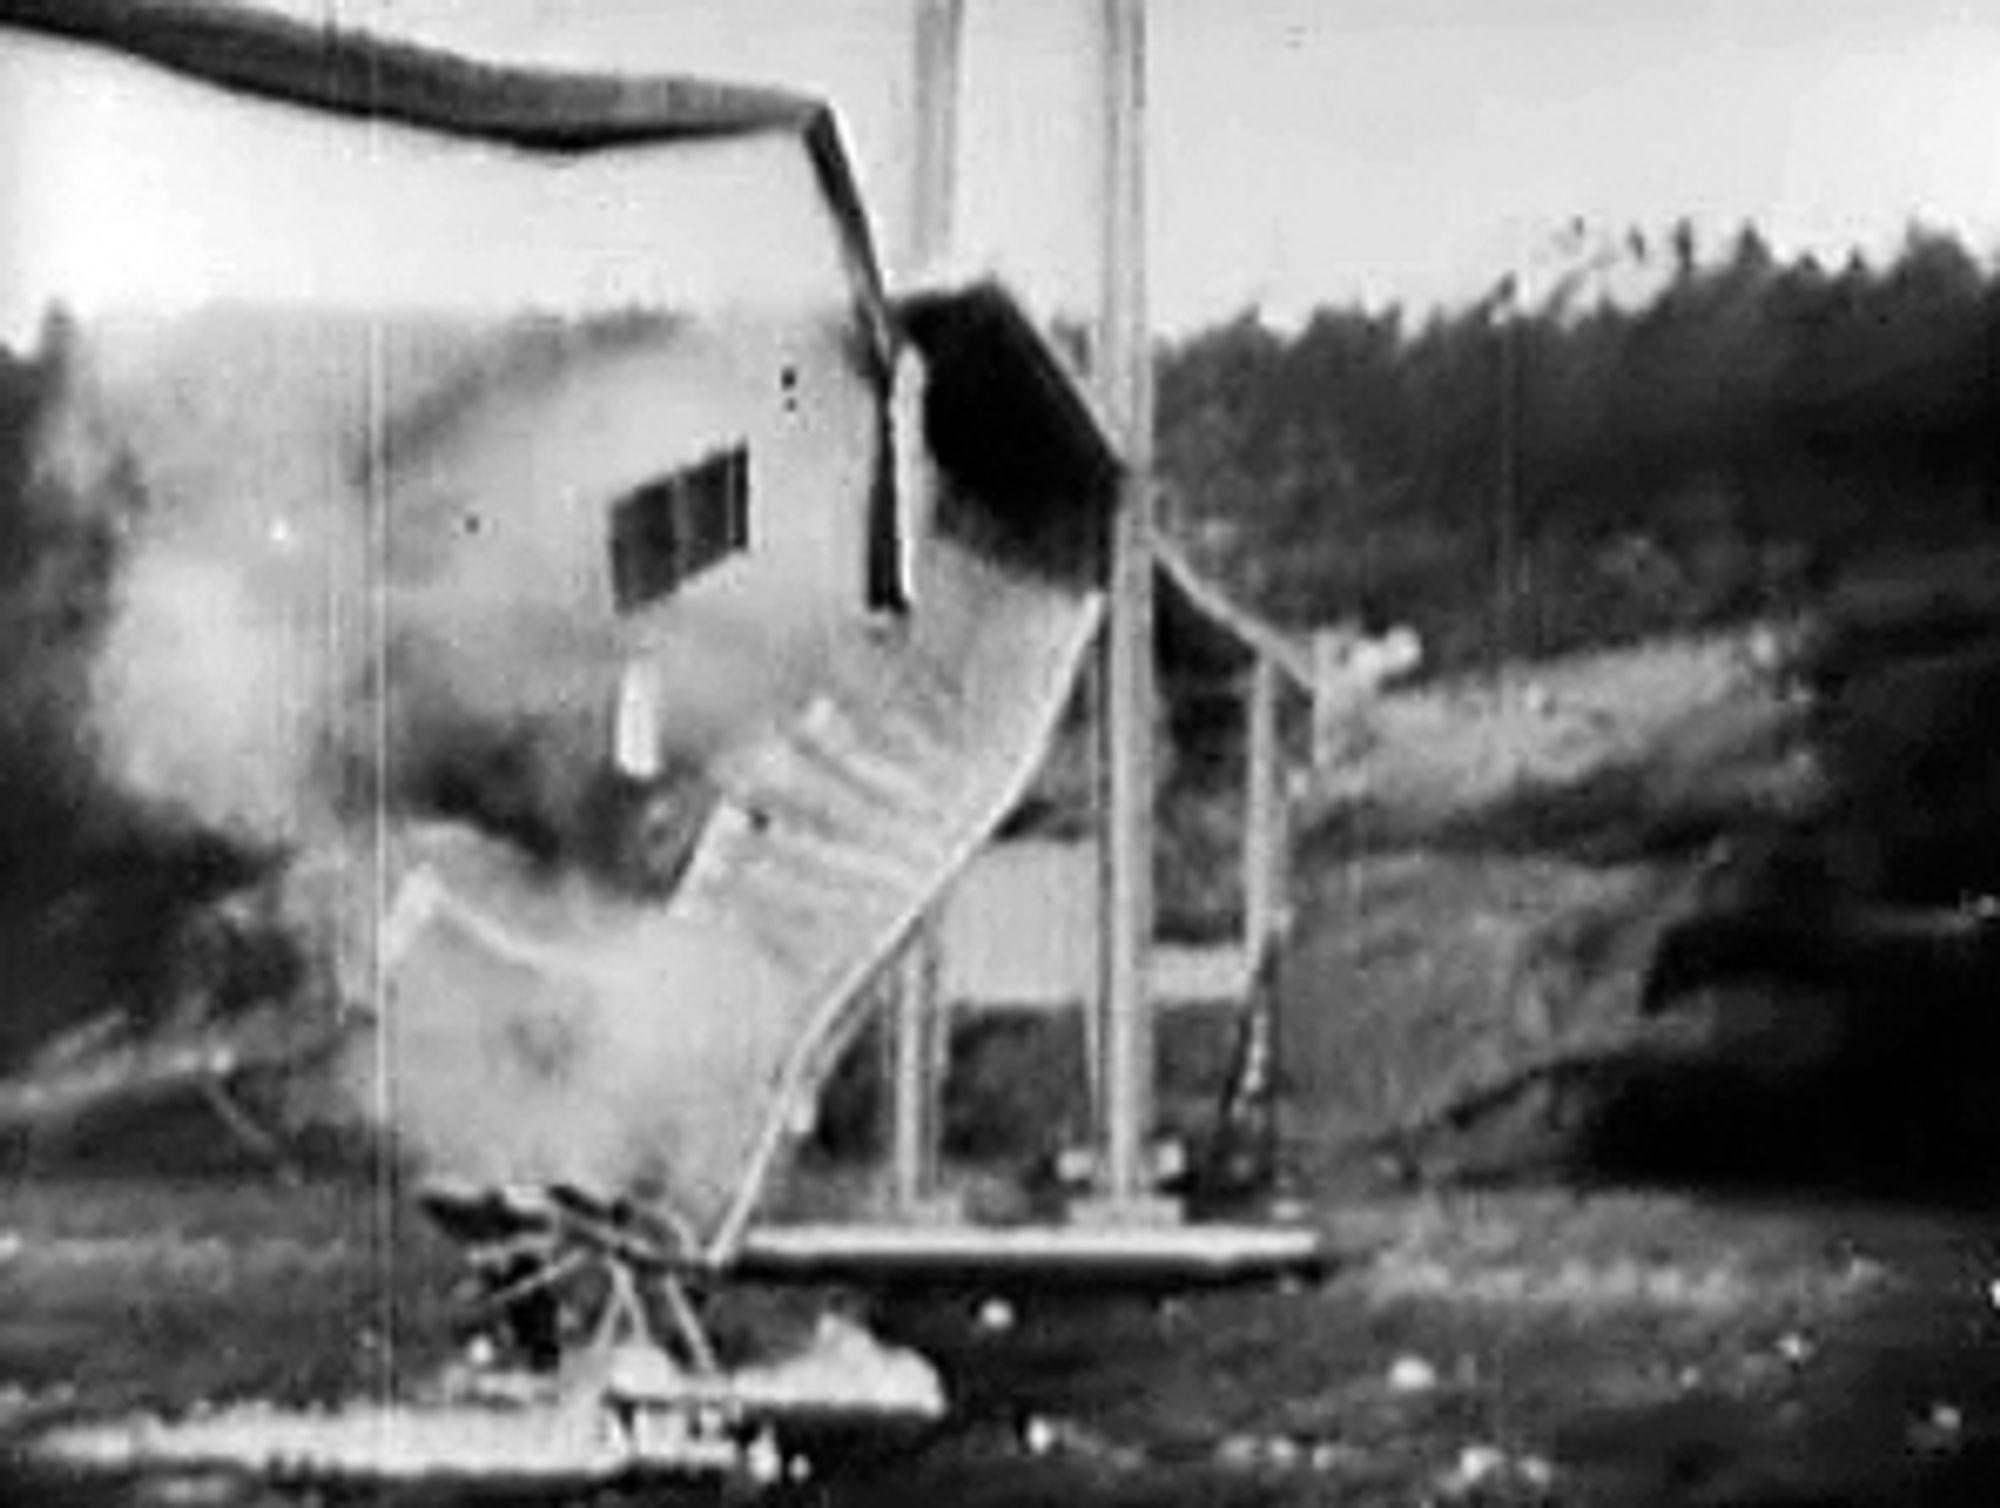 ET STYKKE HISTORIE: Kollapsen av Tacoma Narrows Bridge står i dag som et av de viktigste eksemplene på det dynamisk aeroelastiske fenomenet flutter.